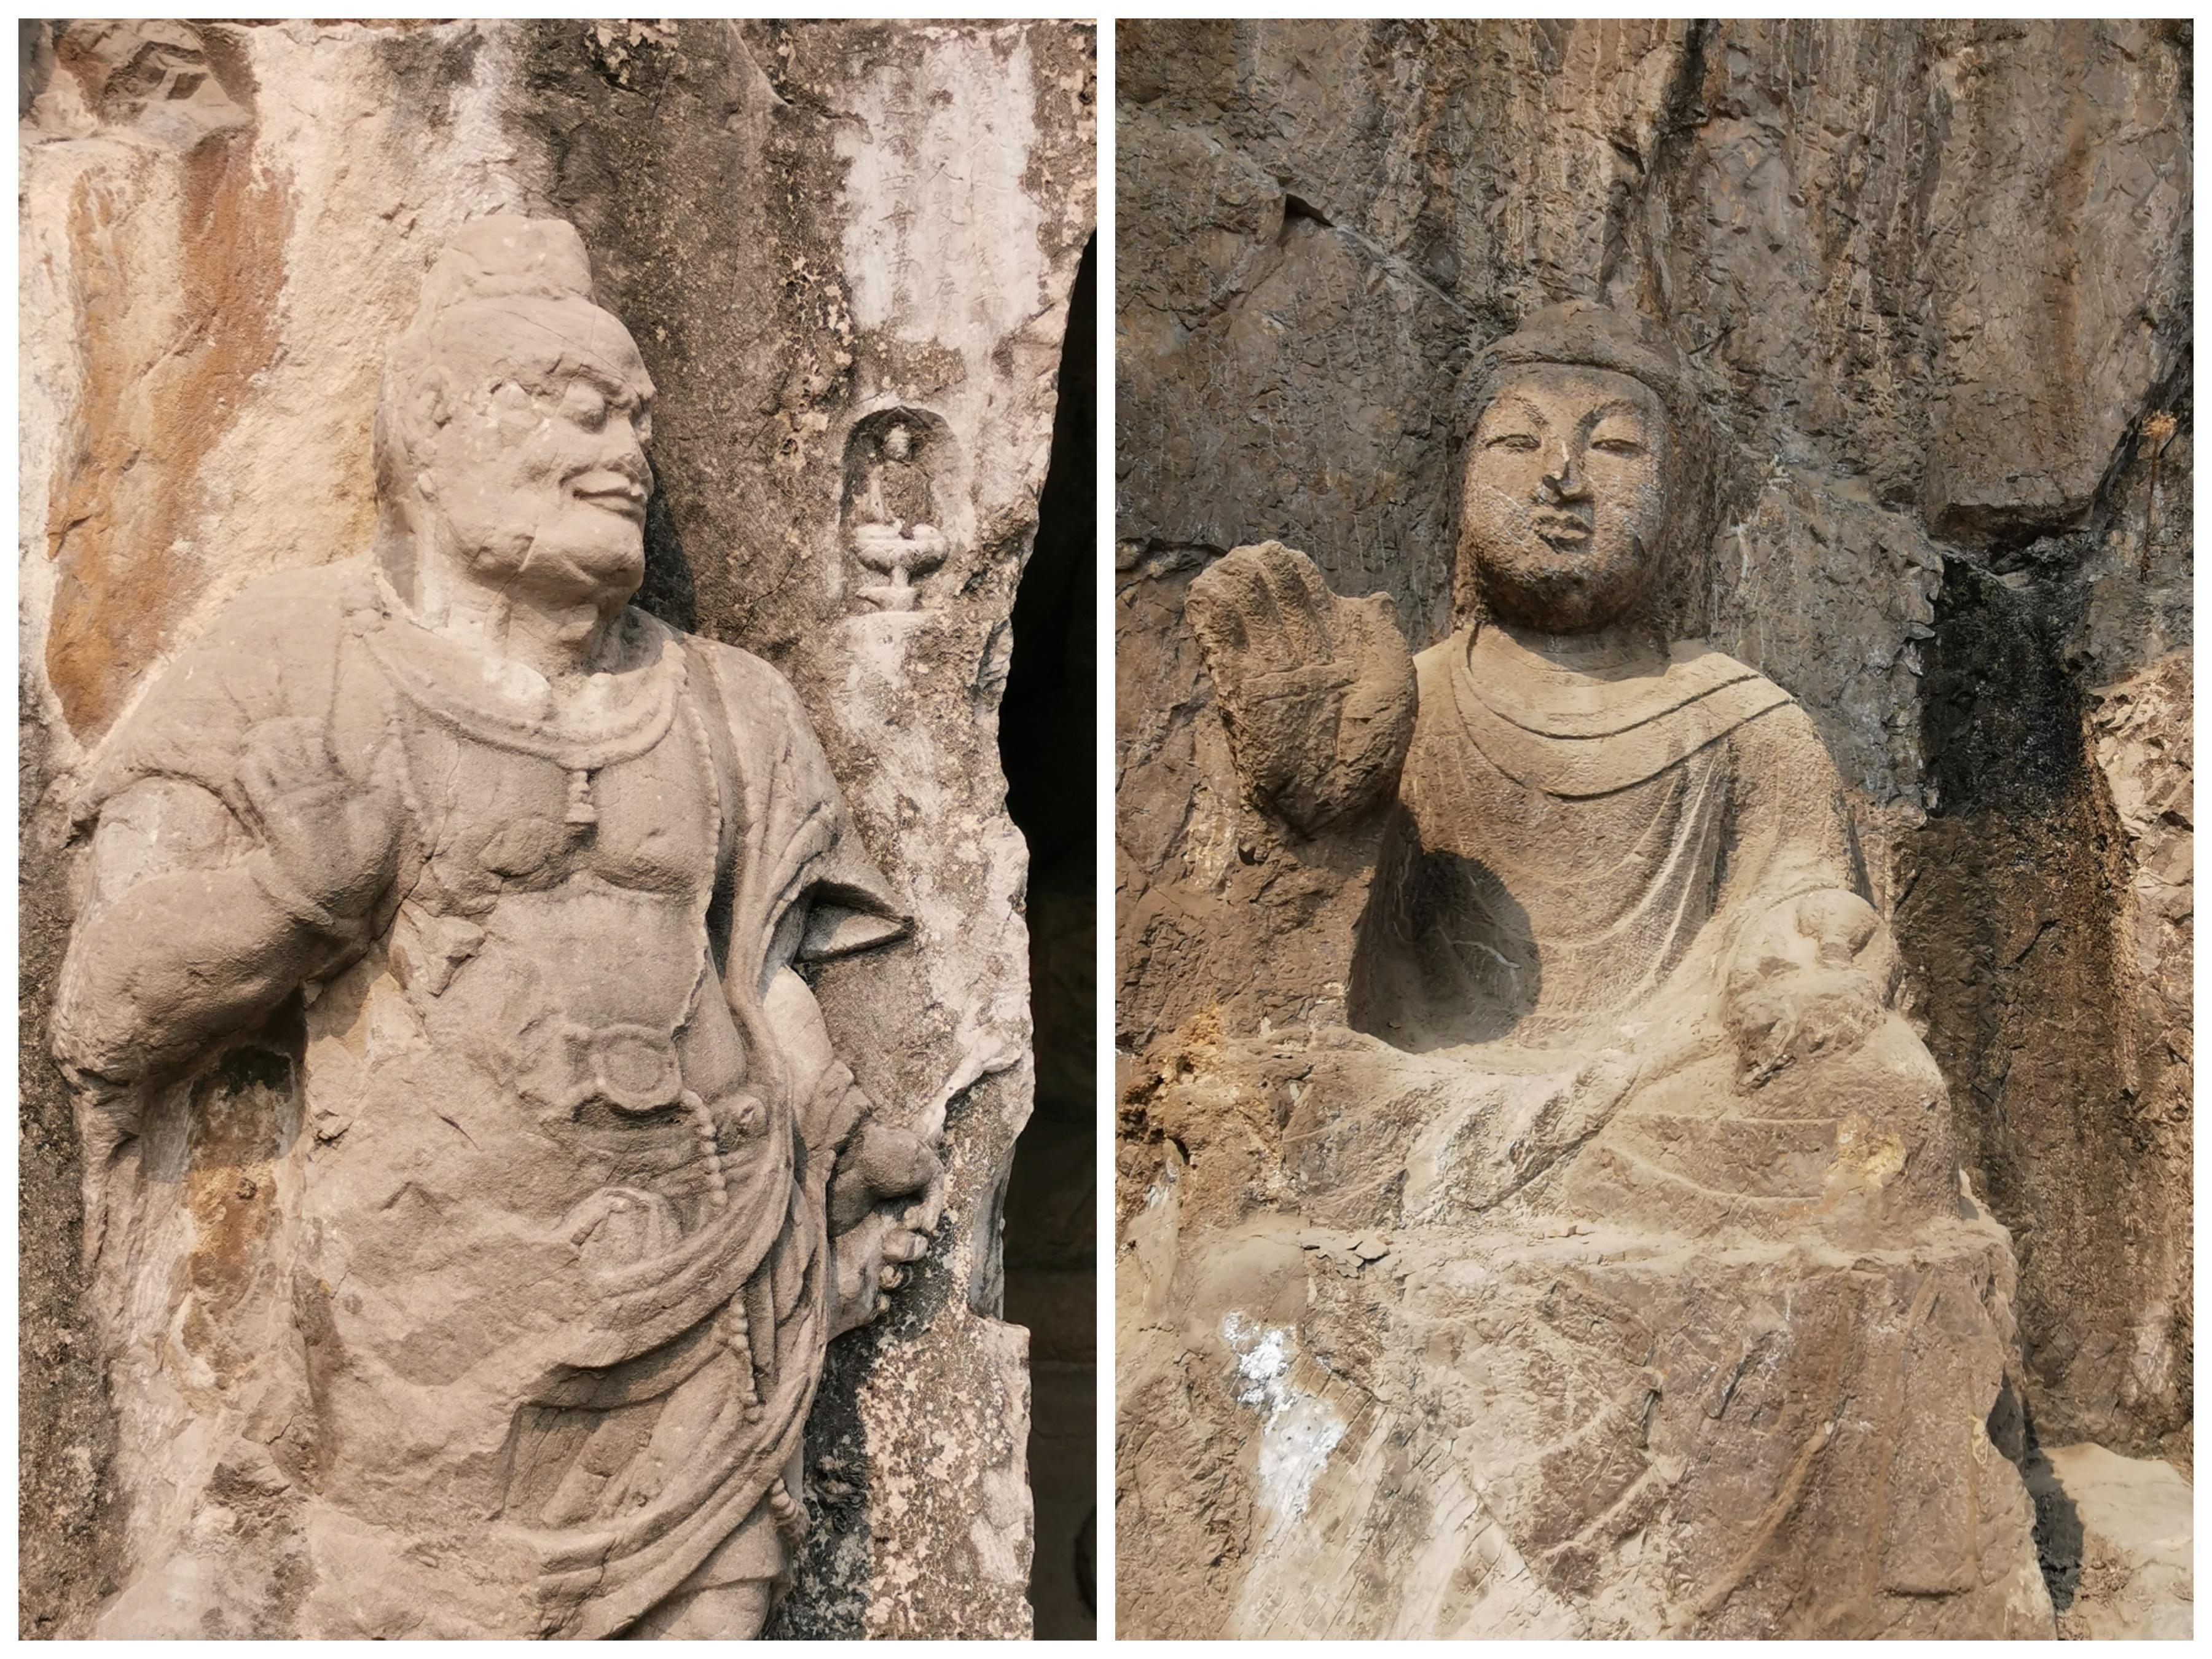 龙门石窟里的佛像(右)和力士像(左)